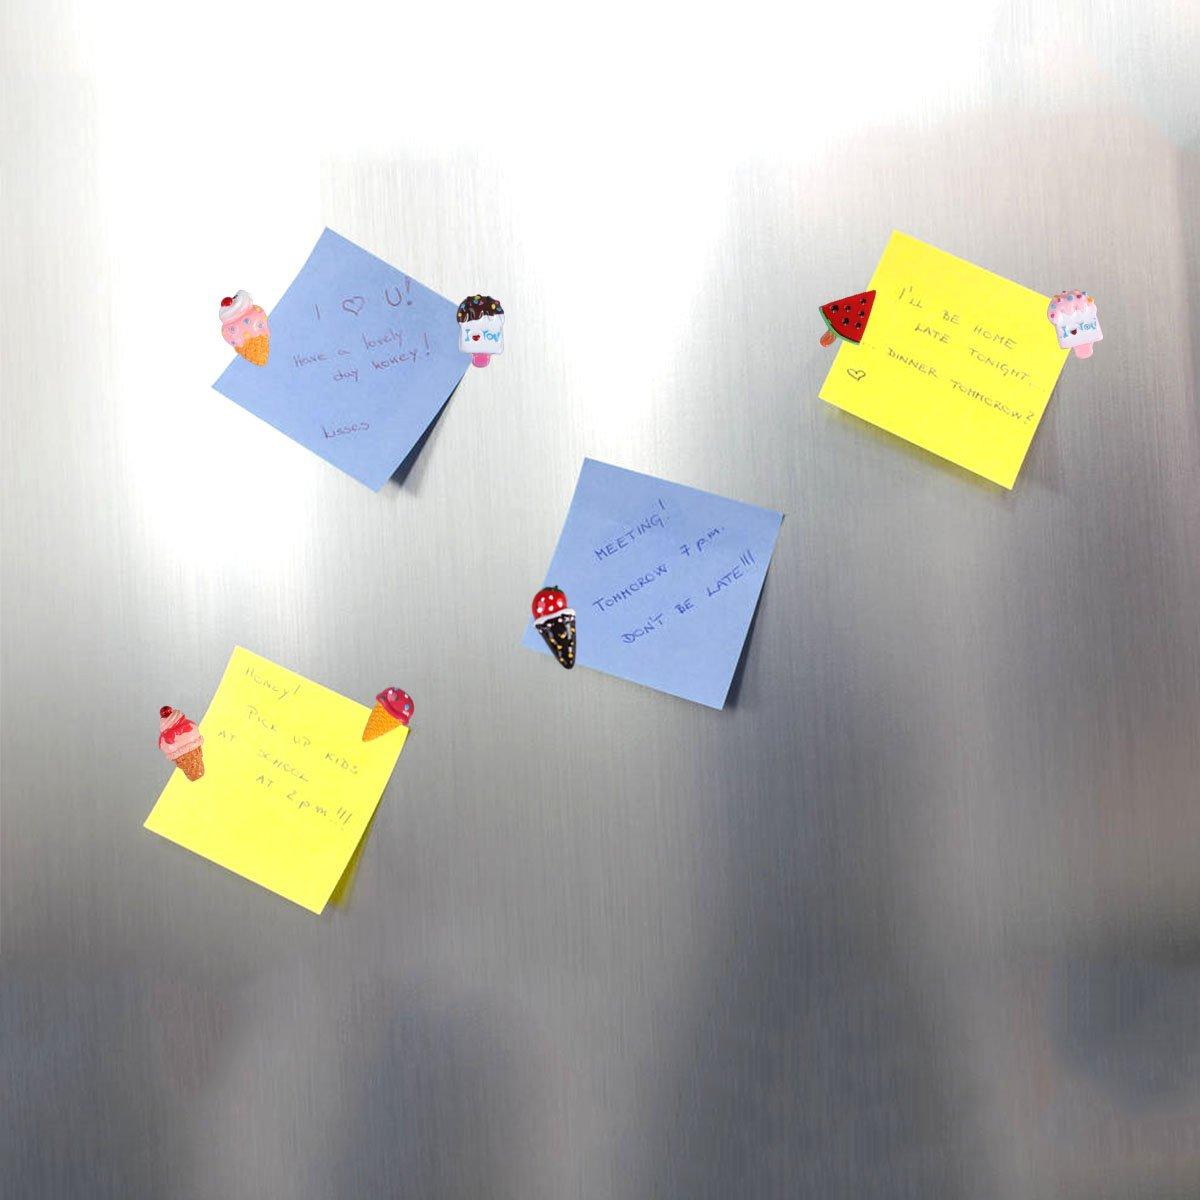 BESTOMZ 10 pi/èce Magnet Frigo Aimant Frigo Aimant R/éfrig/érateur pour /École /À La Maison Salle de classe Cr/ème Glac/ée